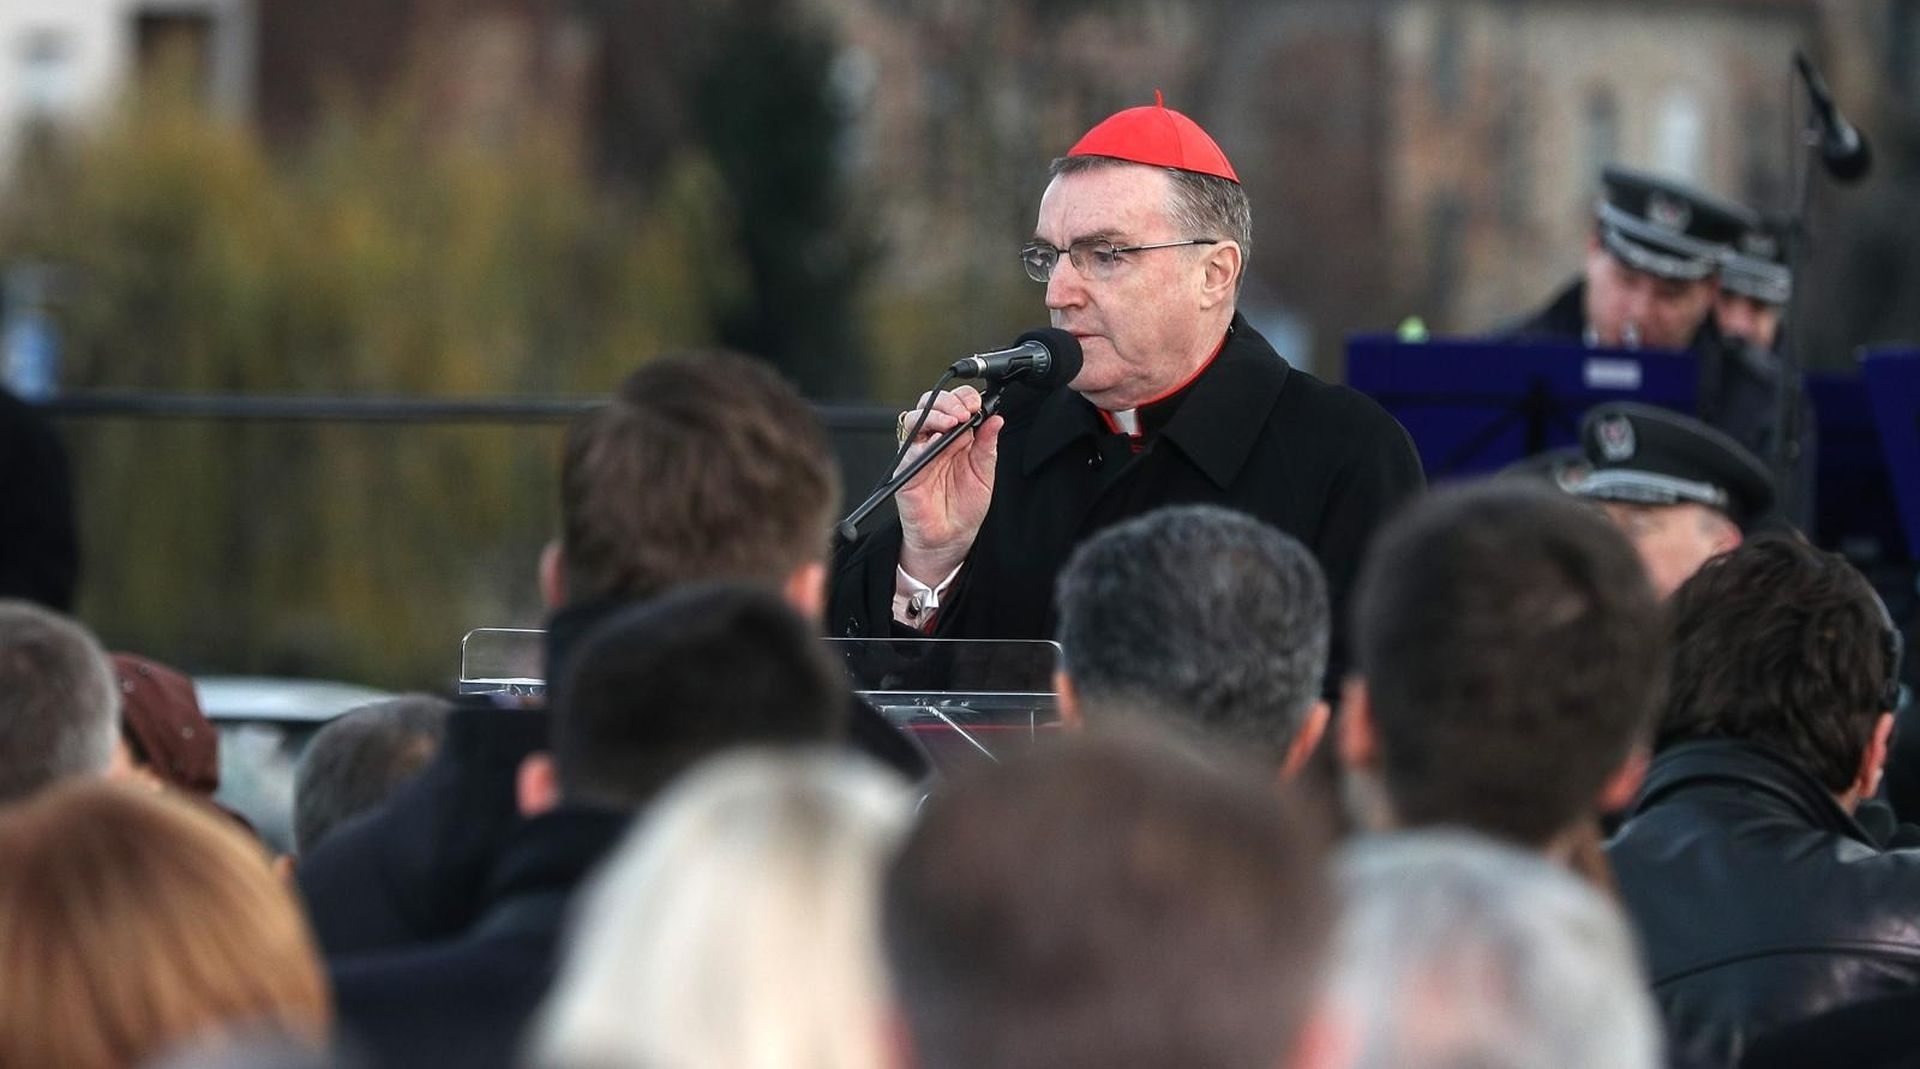 Bozanić uputio božićne čestitke, predsjednici poželio mudrost